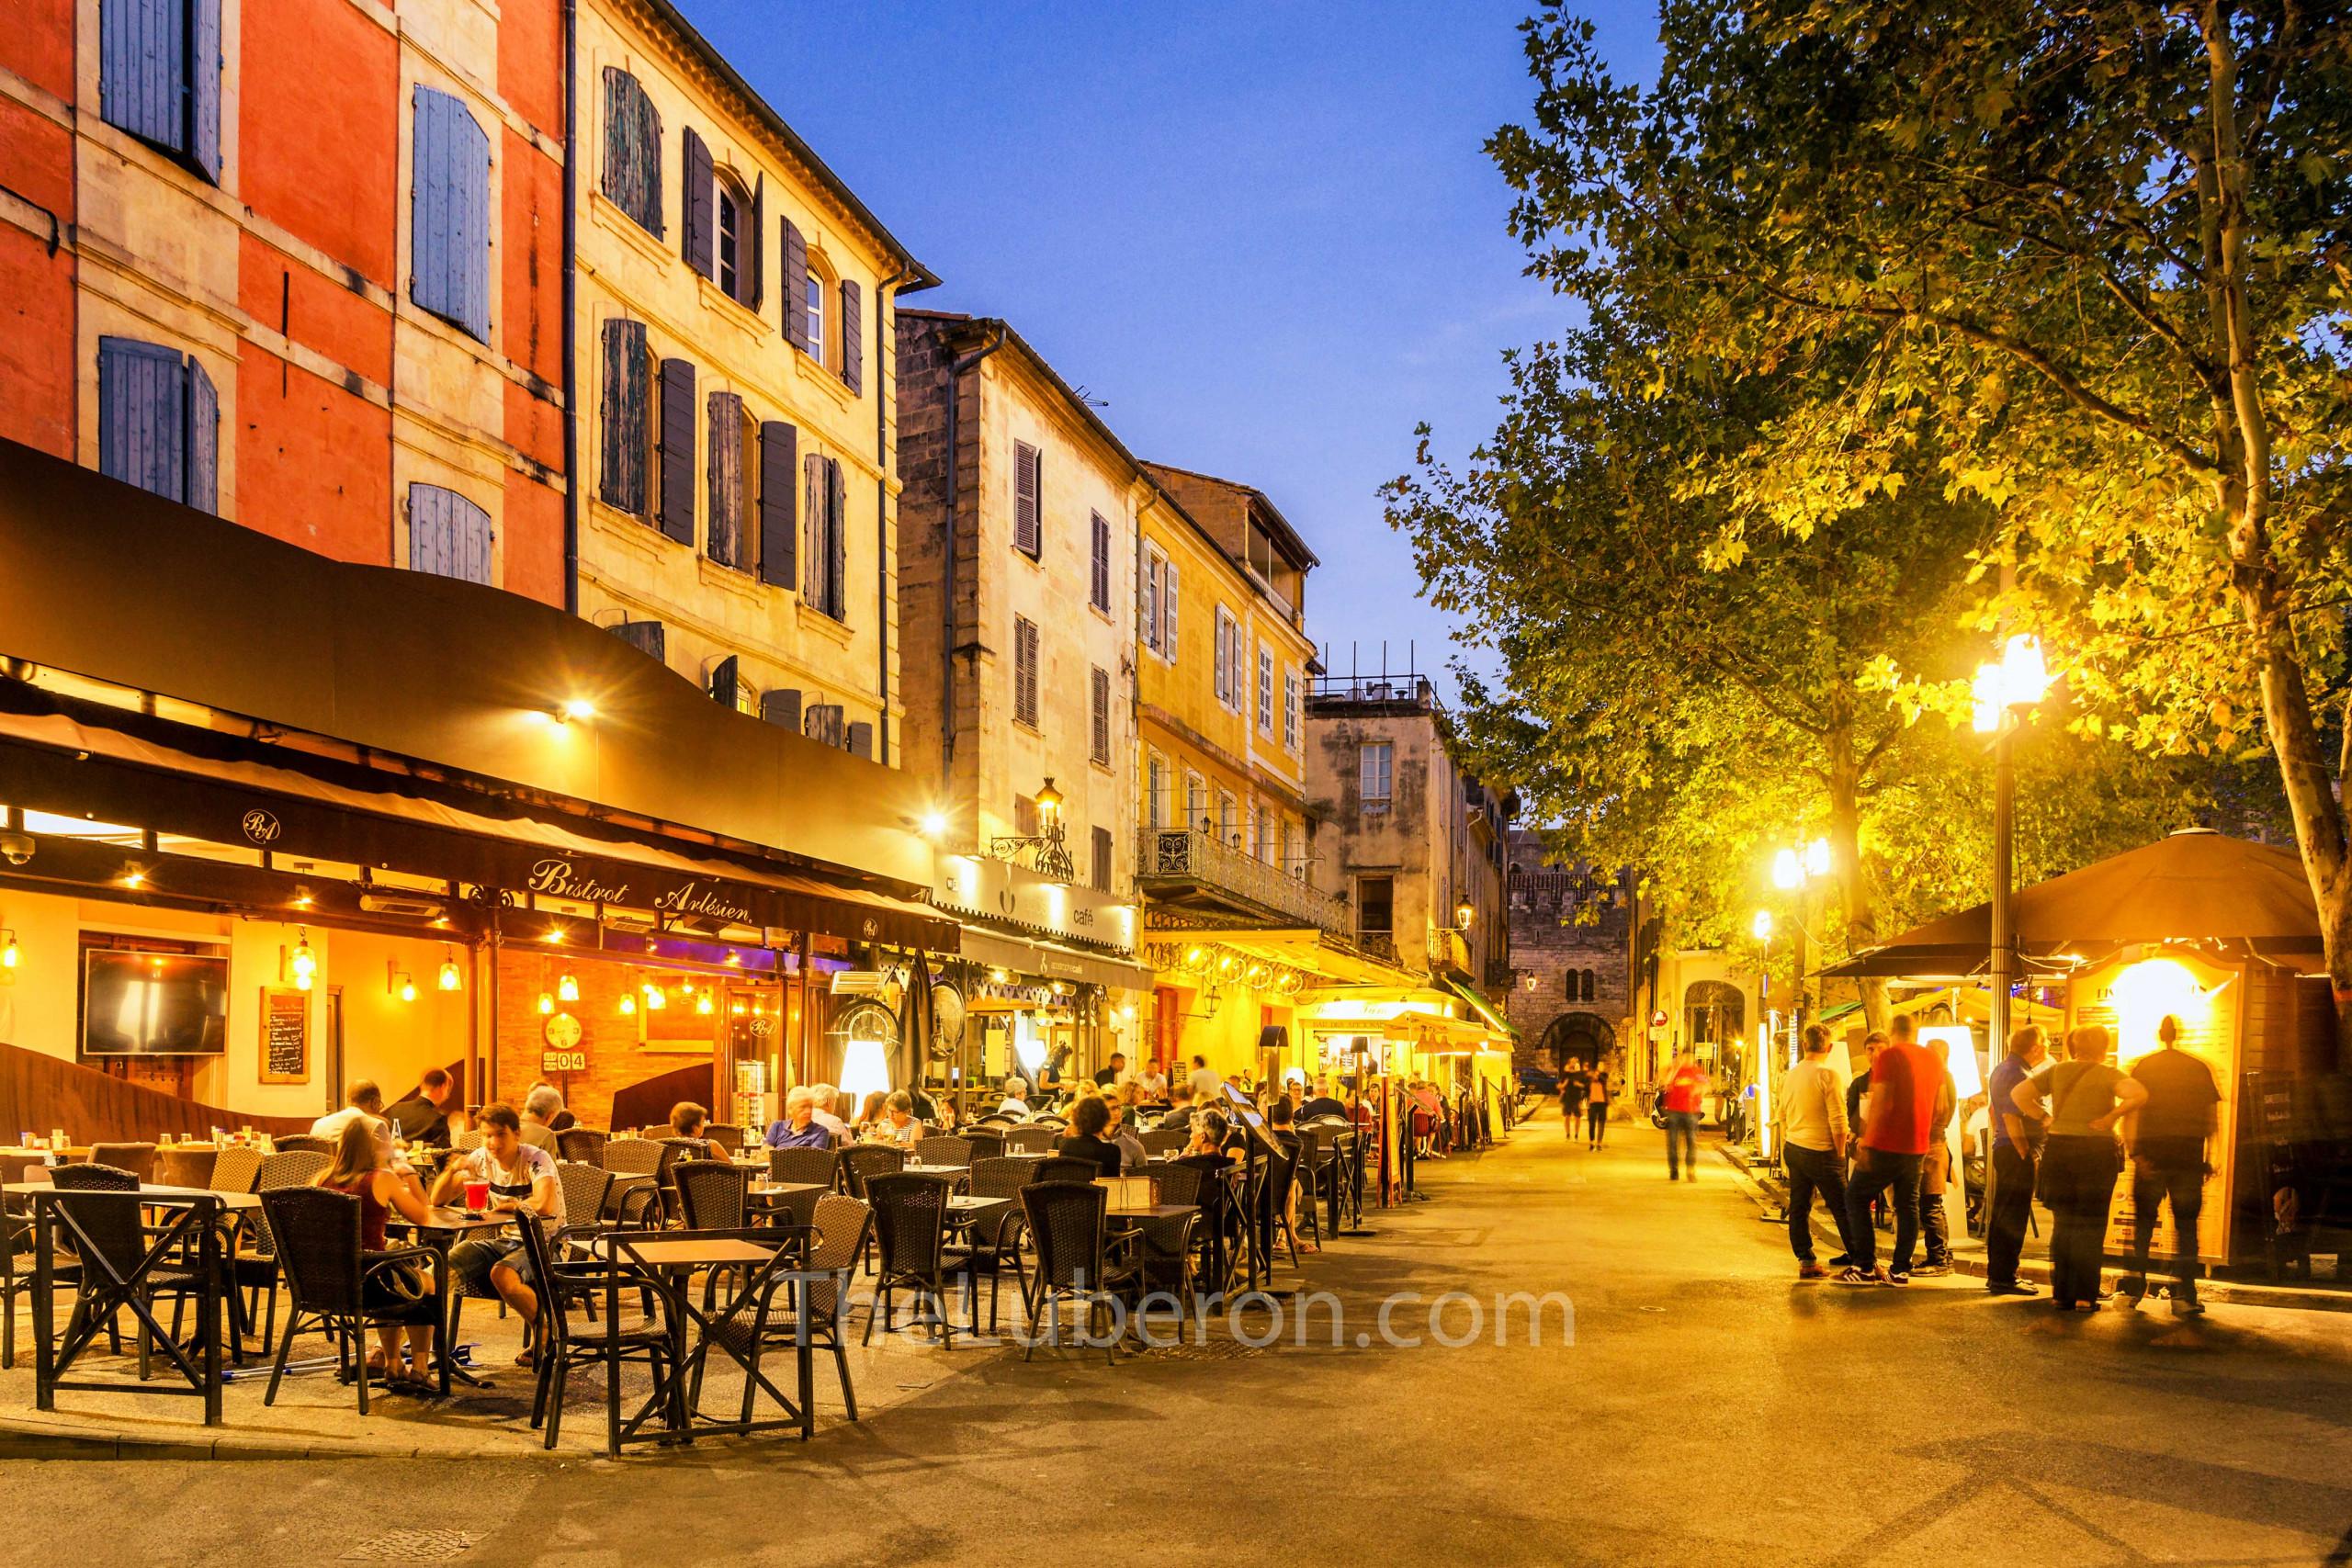 Arles restaurants at night